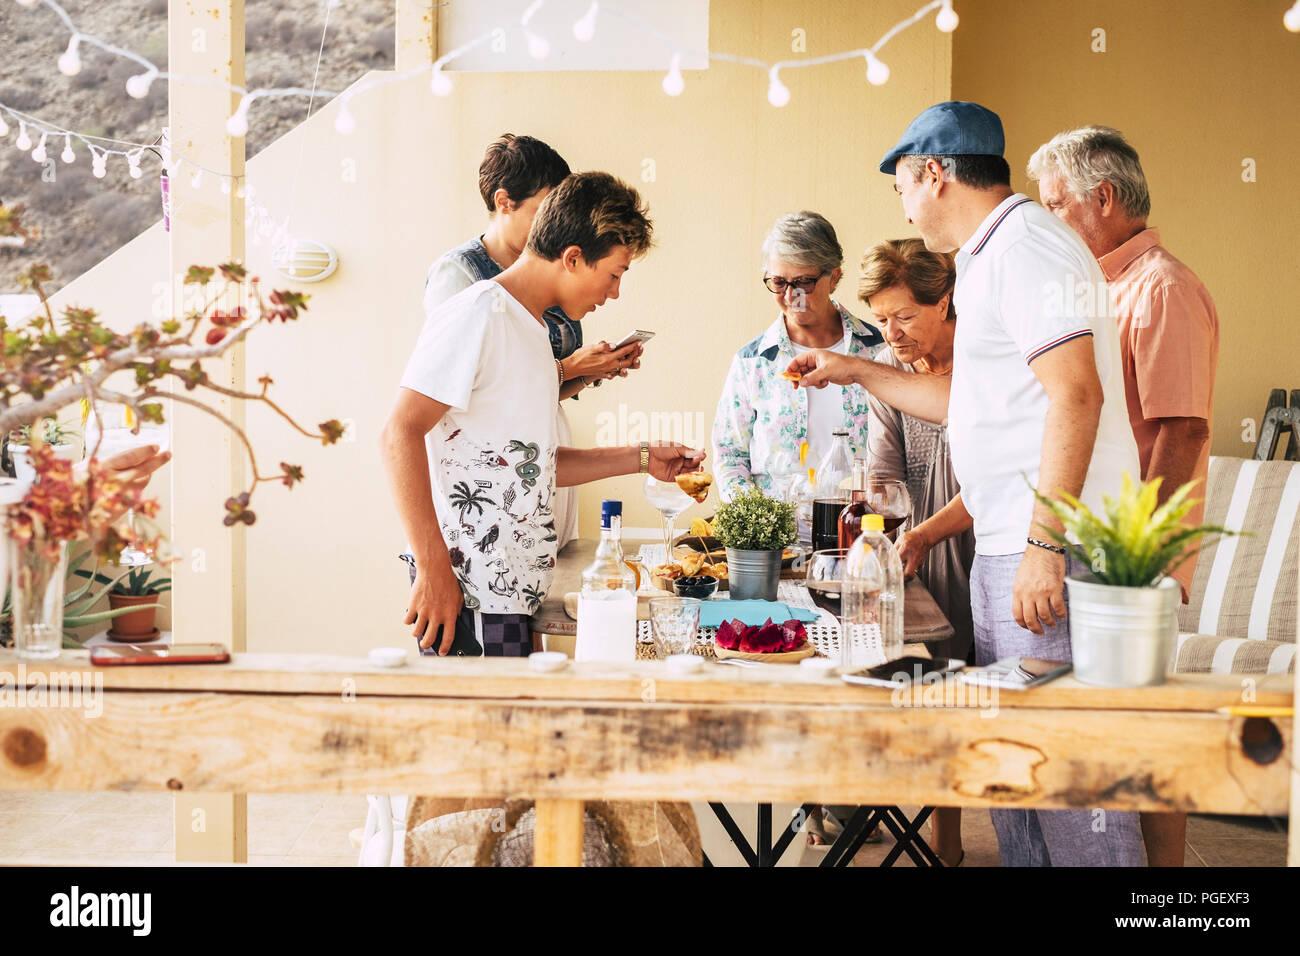 Grupo de personas de diferentes edades desde adolescente madura divirtiéndonos juntos comer y beber en la amistad en el hogar al aire libre en la terraza. mix Imagen De Stock